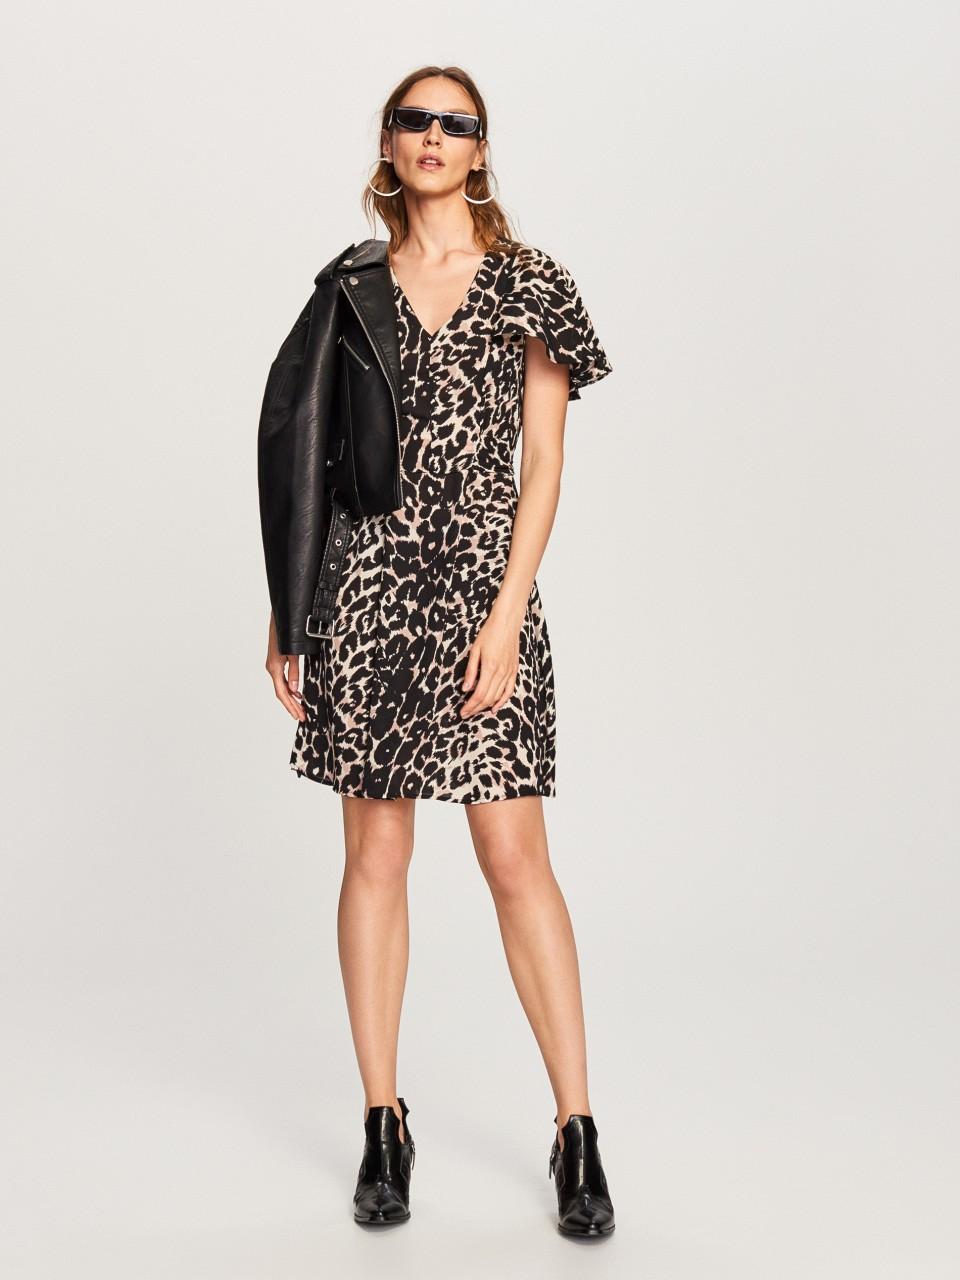 Модель в платье с леопардовым принтом и косухой